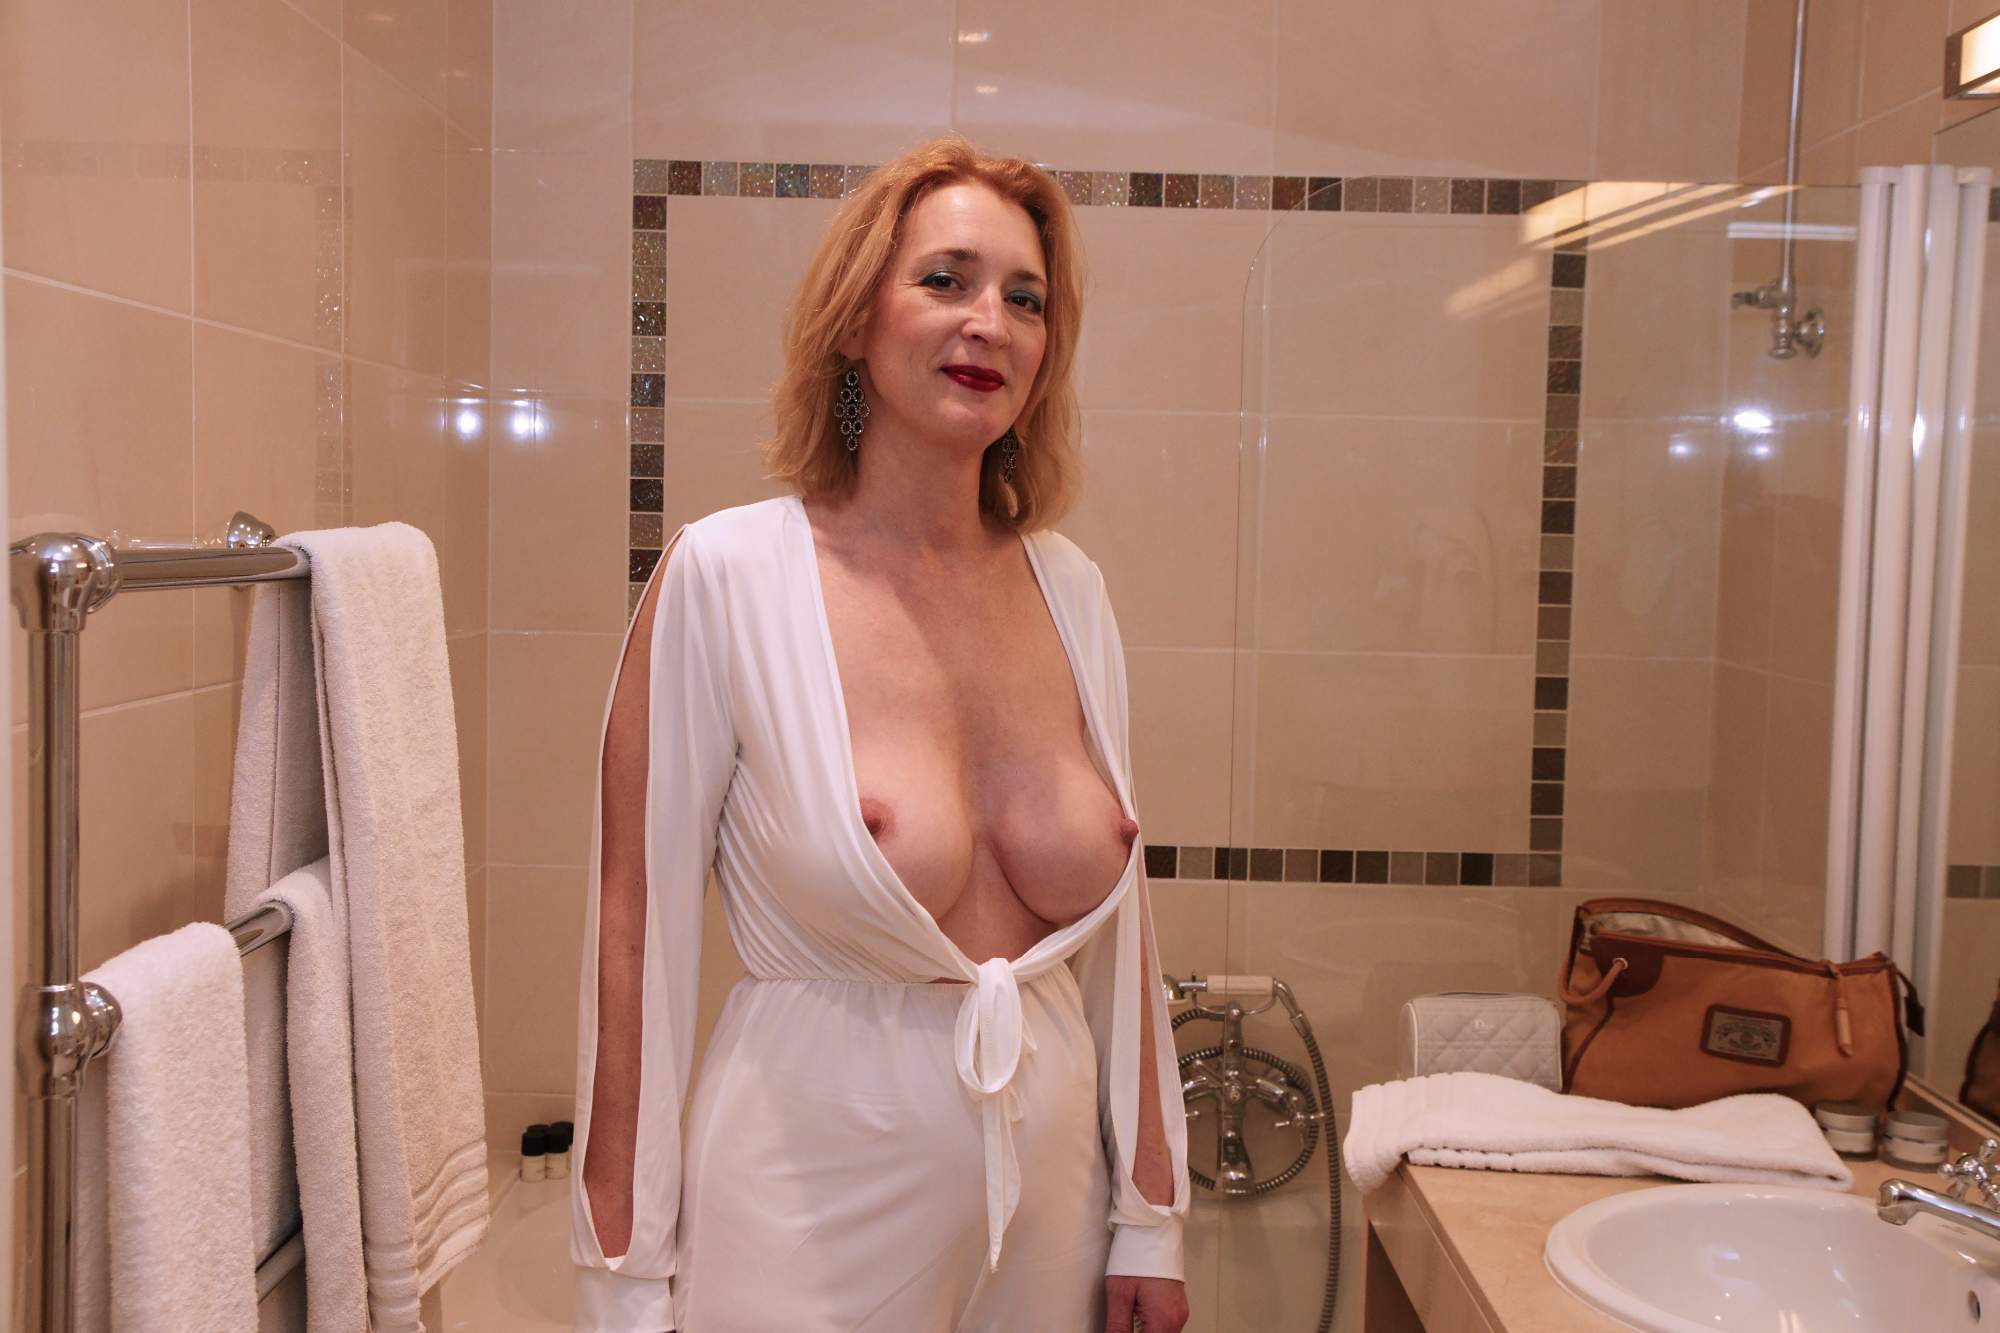 http://img24.rajce.idnes.cz/d2402/13/13133/13133717_9c6391c5702f90347cd7f2ea12218ba5/images/7.jpg